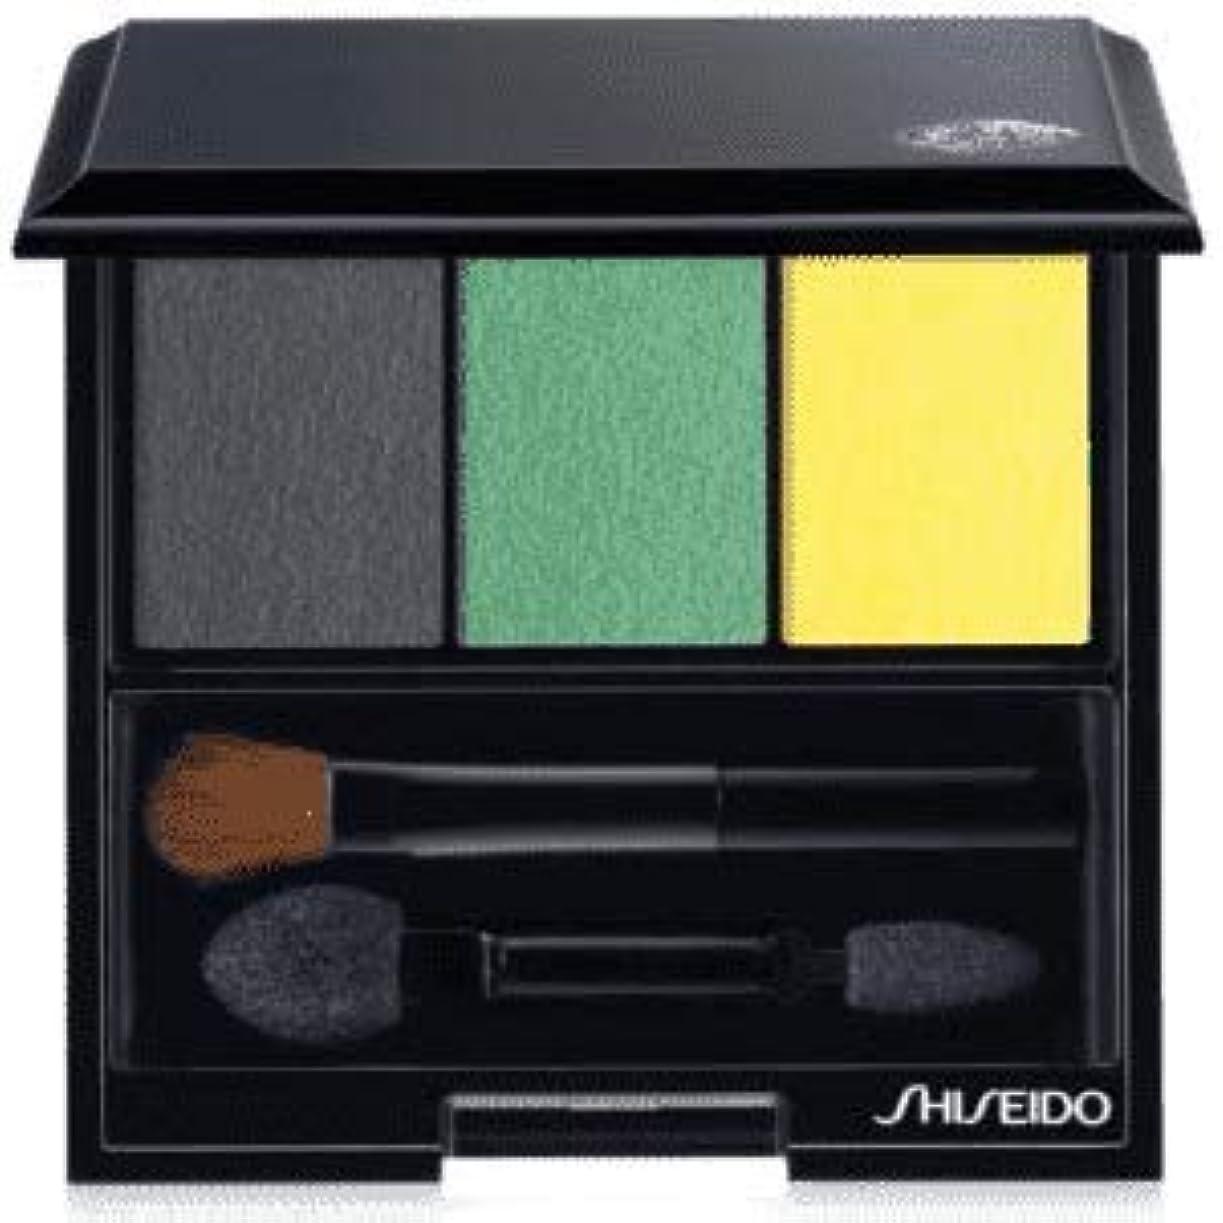 危険を冒します滑りやすい番目資生堂 ルミナイジング サテン アイカラー トリオ GR716(Shiseido Luminizing Satin Eye Color Trio GR716) [並行輸入品]